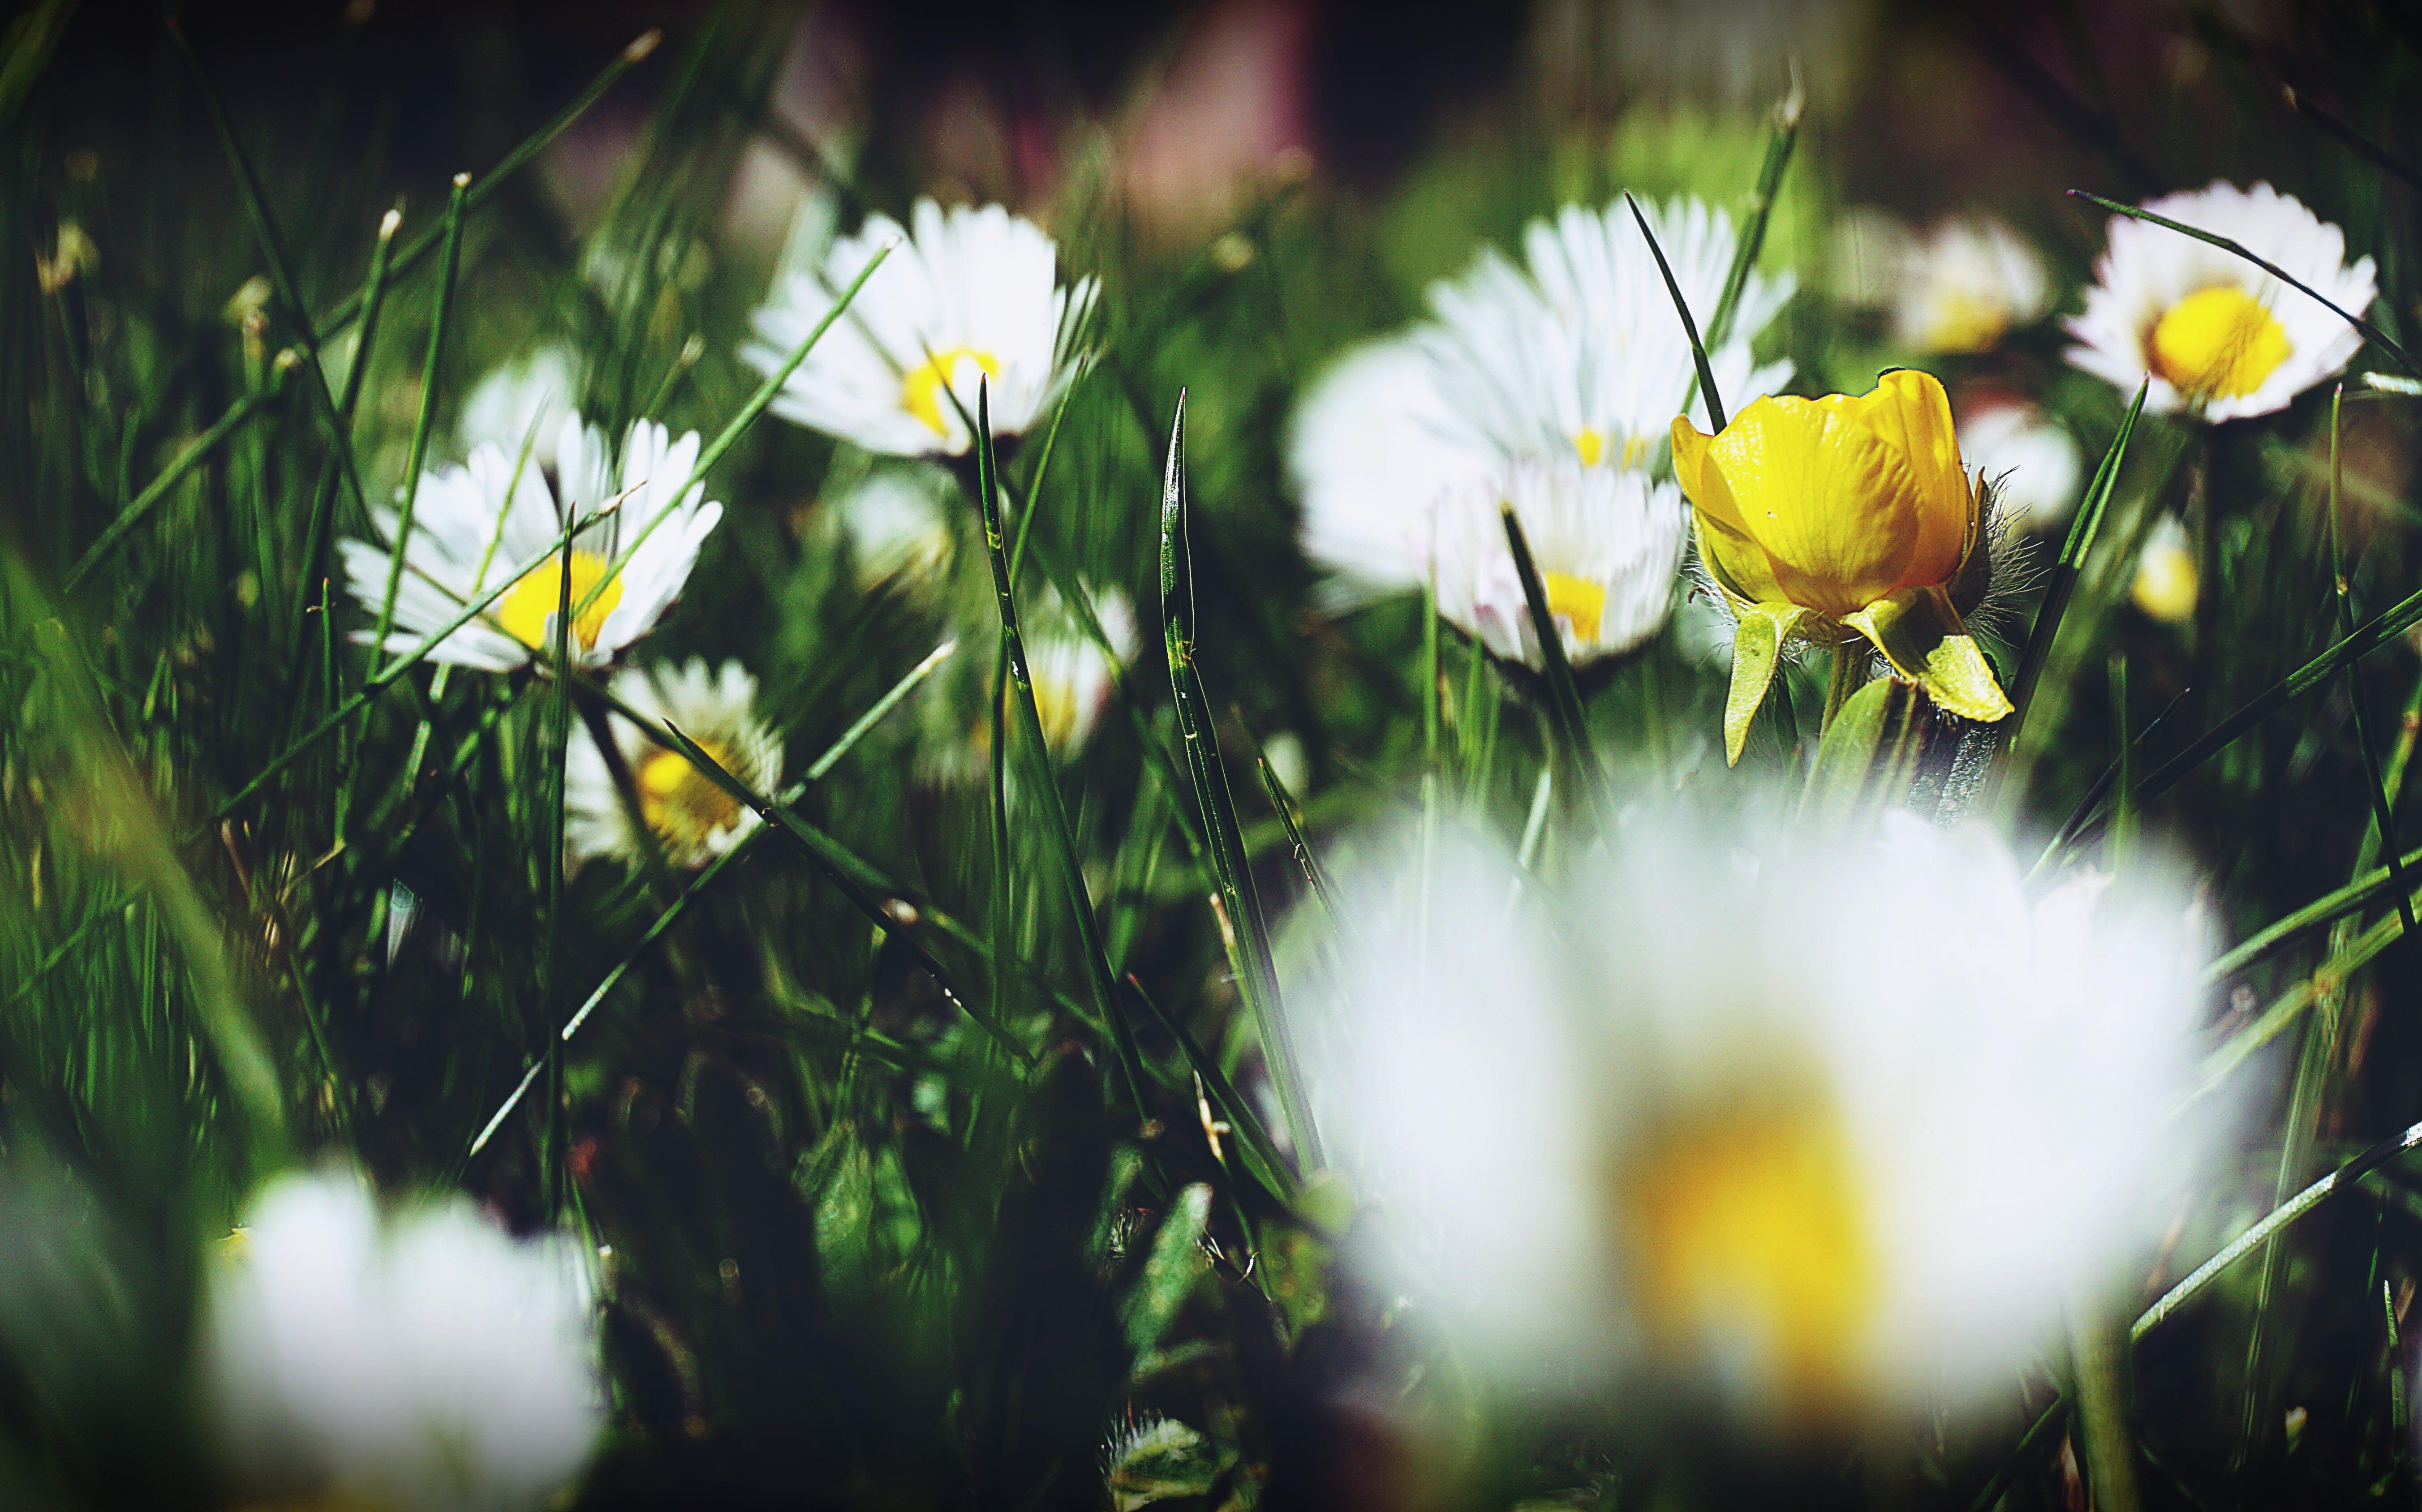 คลังภาพถ่ายฟรี ของ ดอกเดซี่, ดอกไม้, ดอกไม้ป่า, ดอกไม้สีขาว